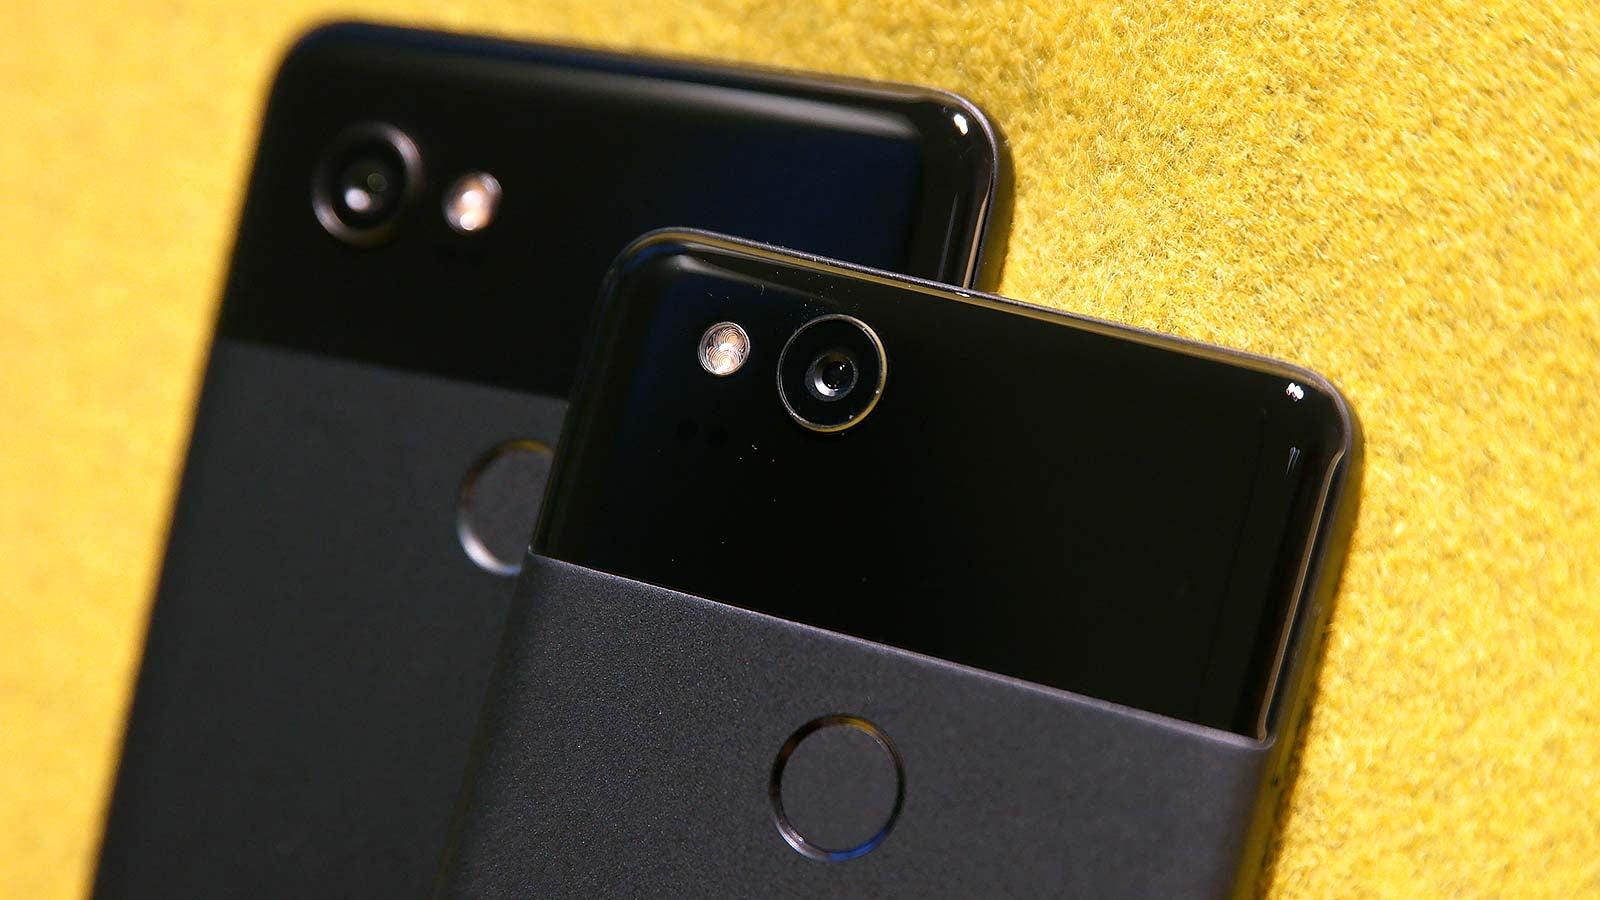 Google Pixel 2: The Gizmodo Review | Gizmodo Australia